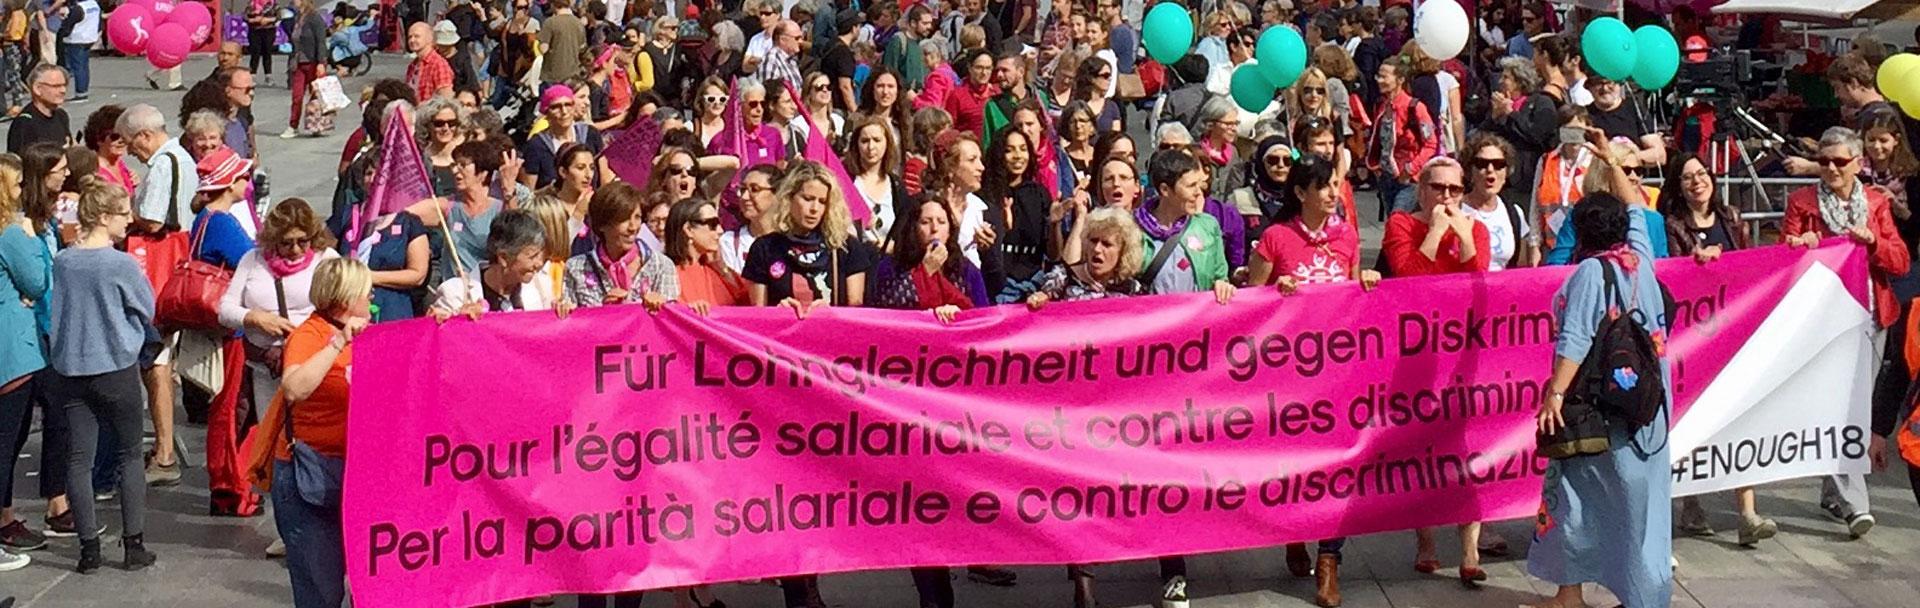 50-anni-diritto-di-voto-donne